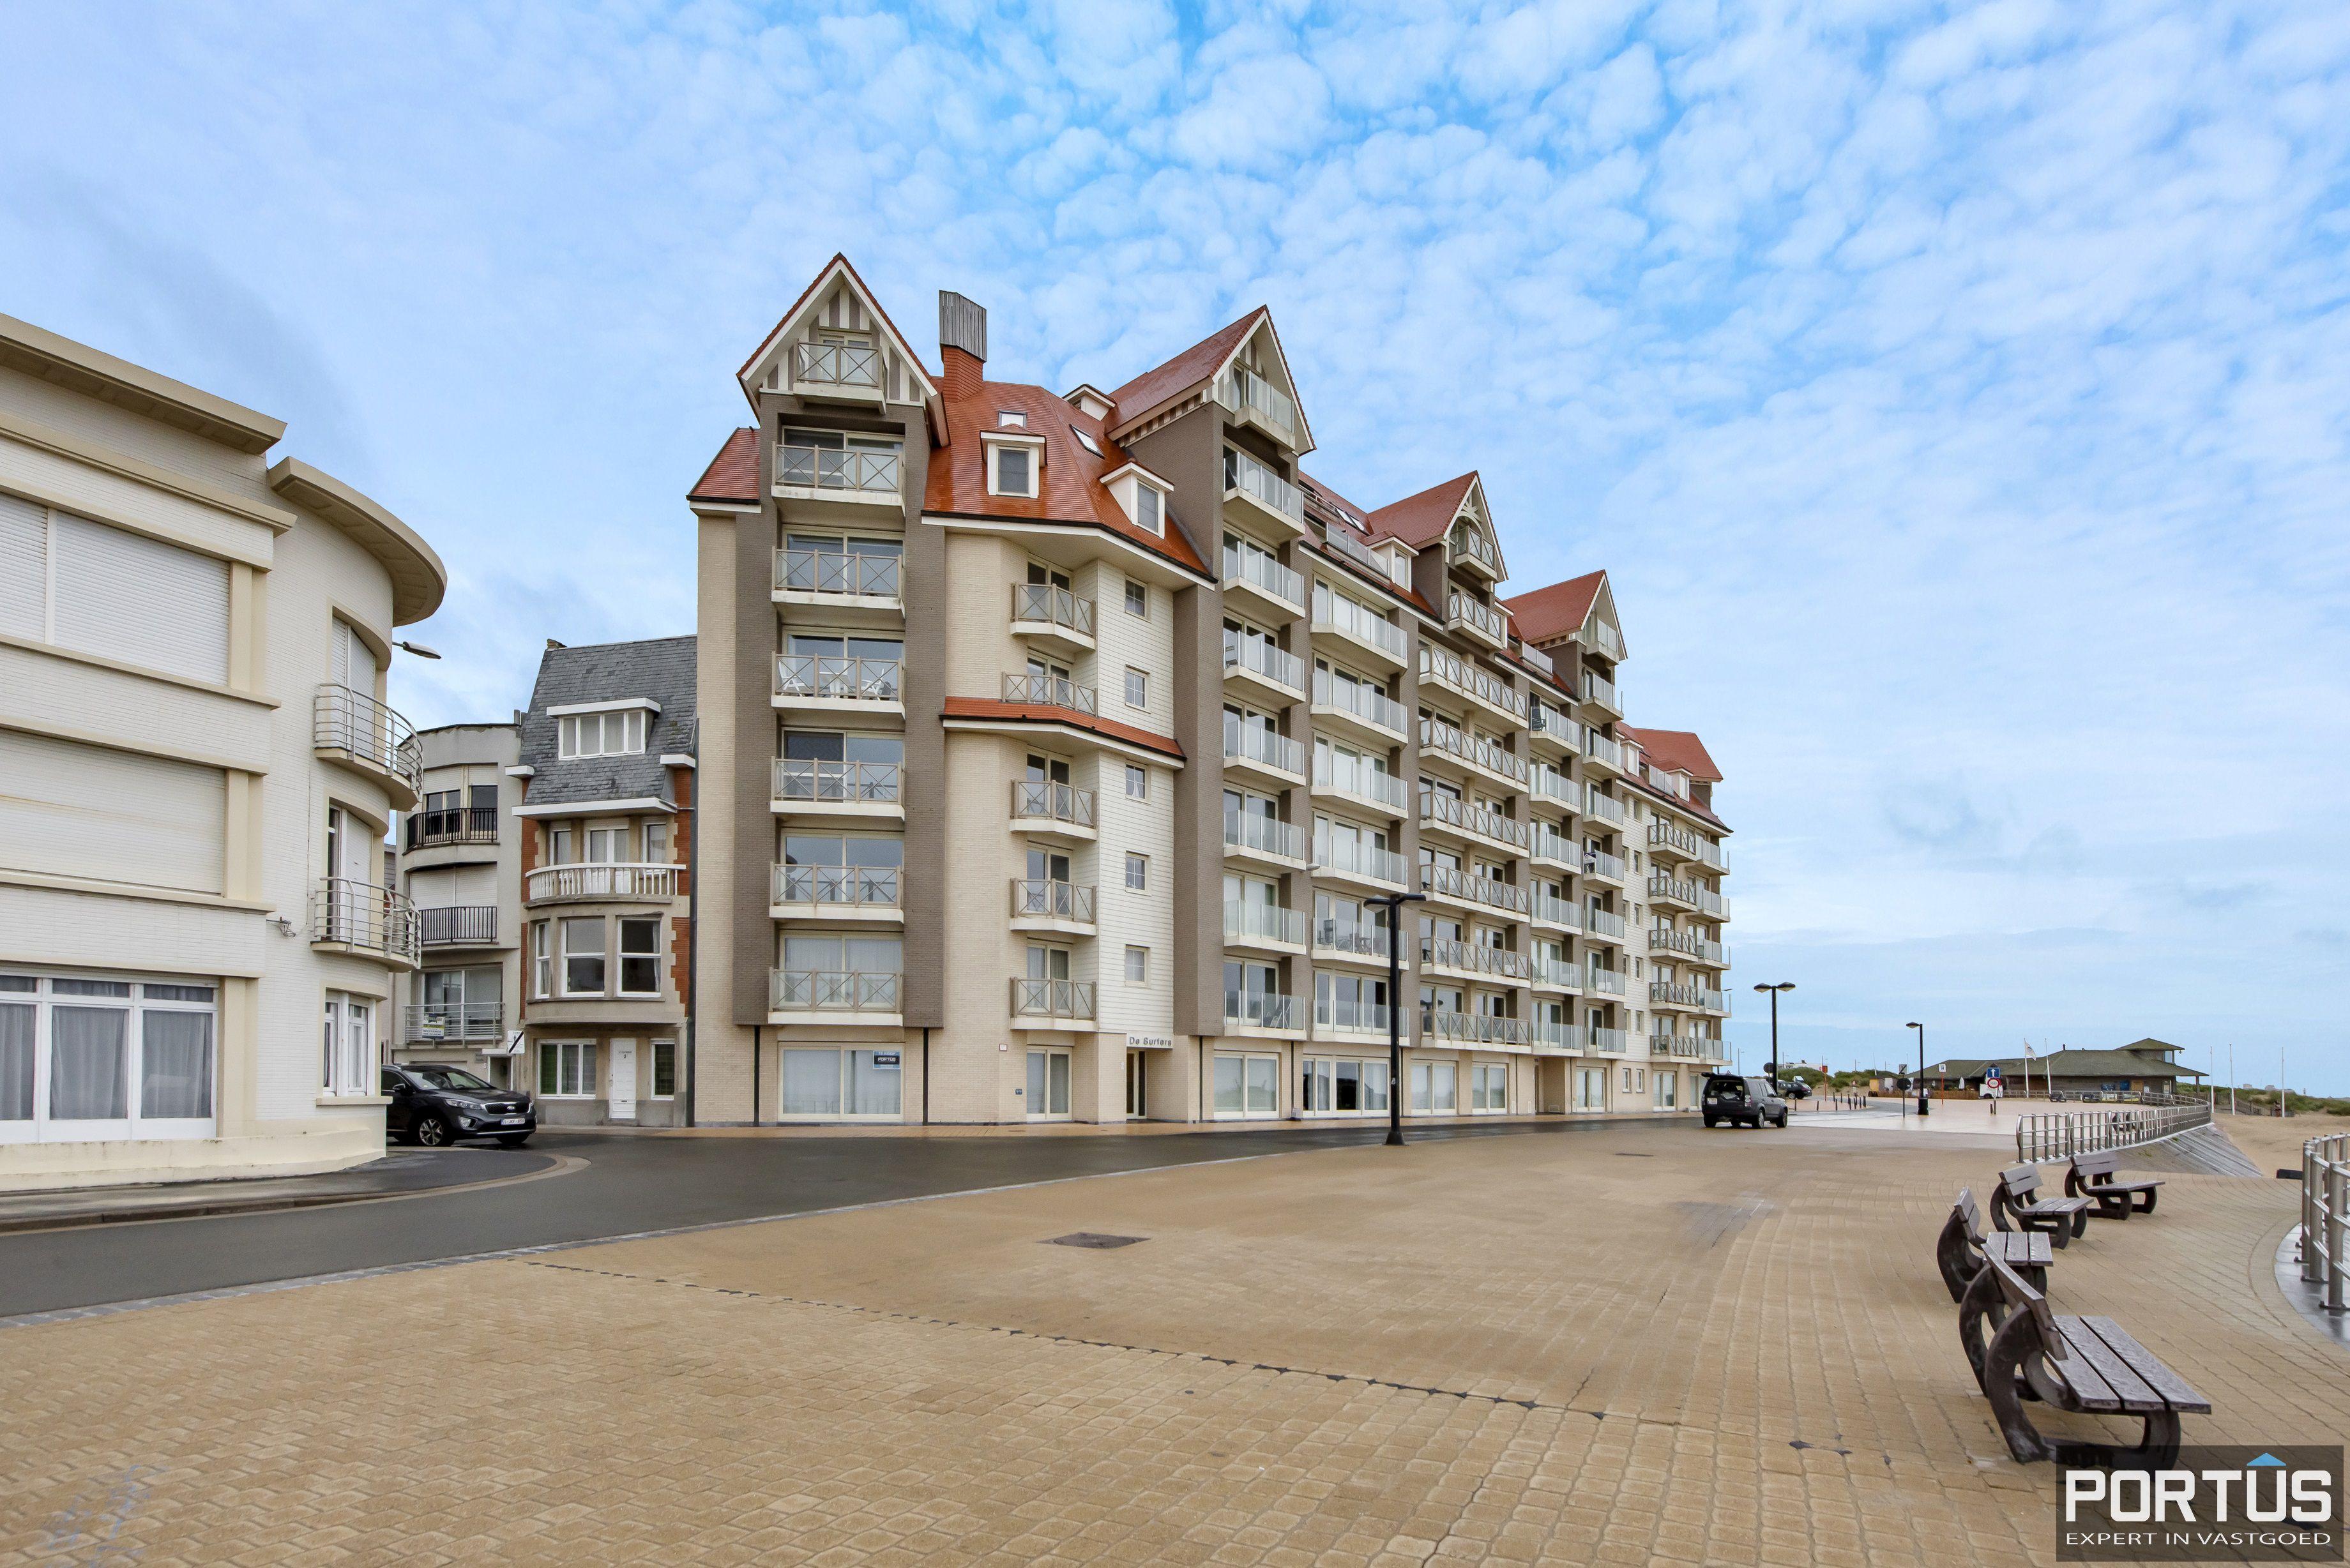 Recent appartement met zeezicht te koop te Westende - 11373